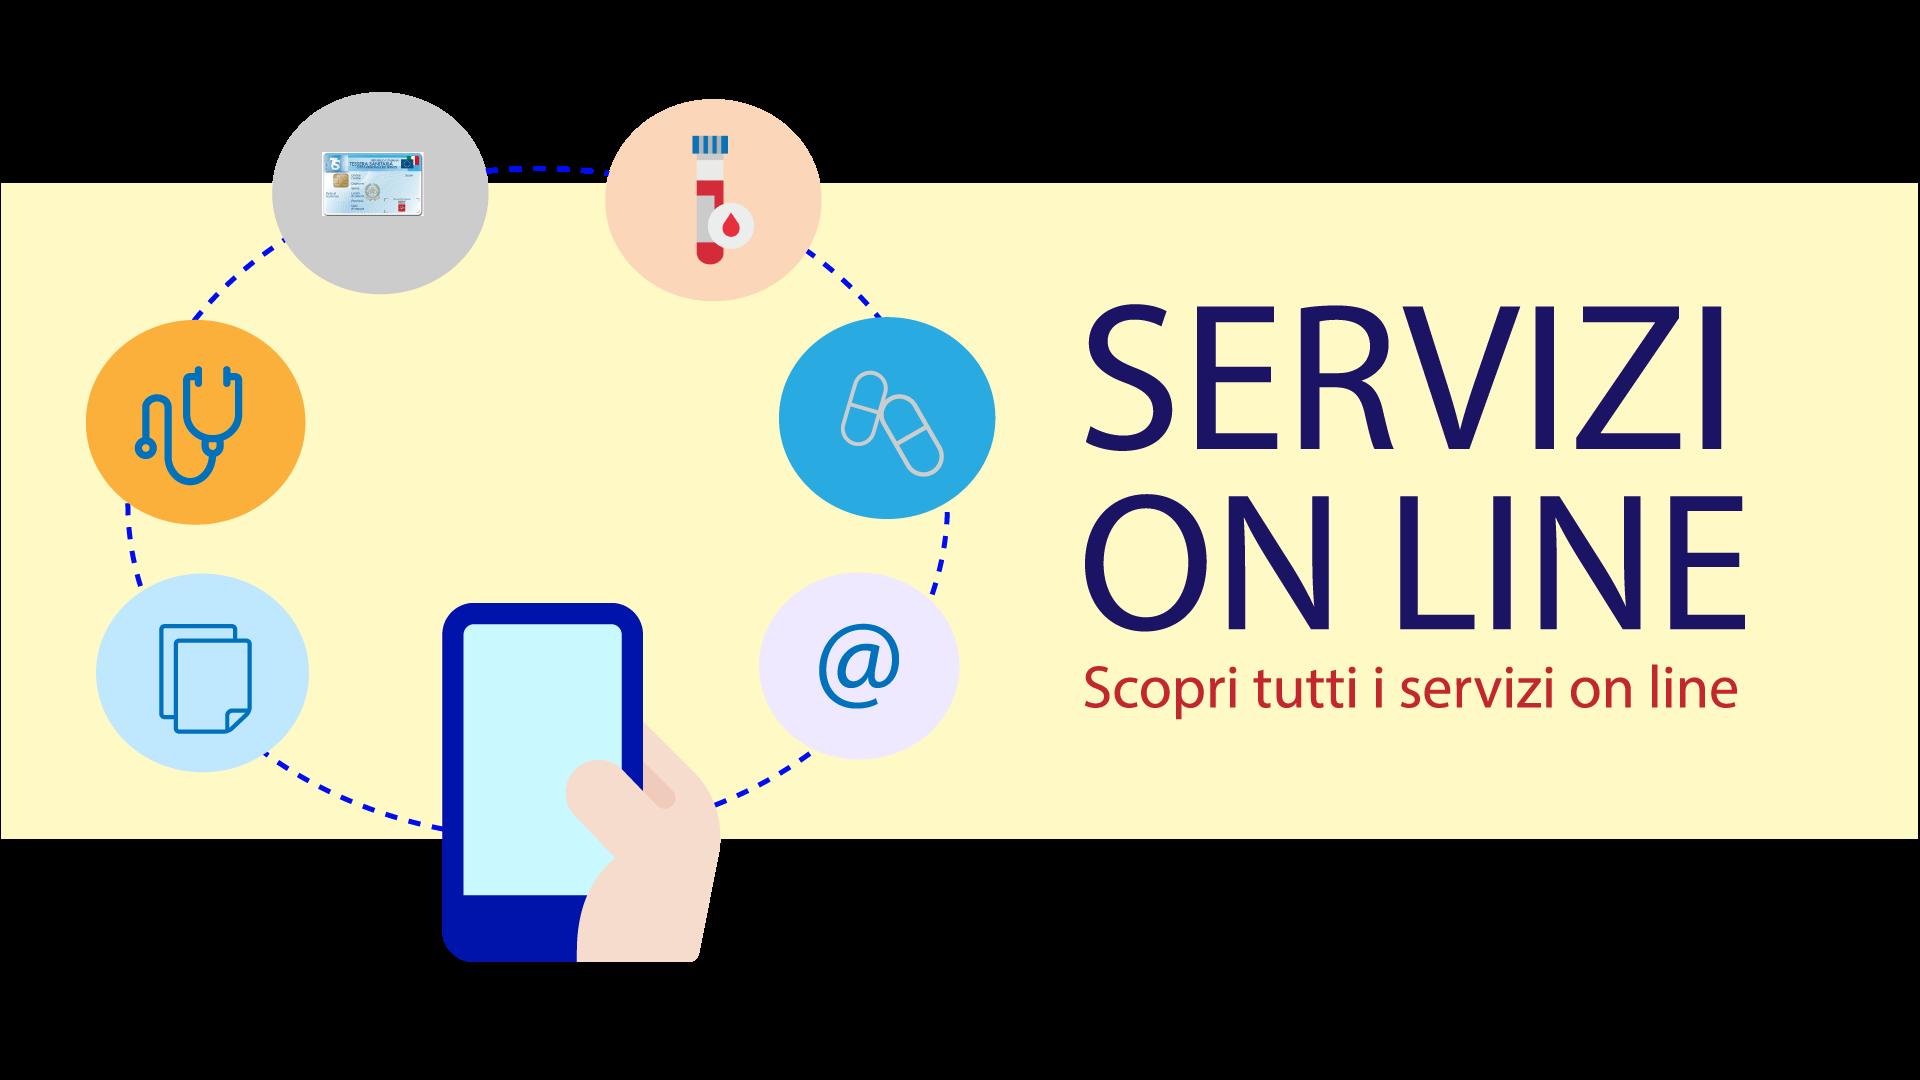 servizi online  azienda usl toscana centro